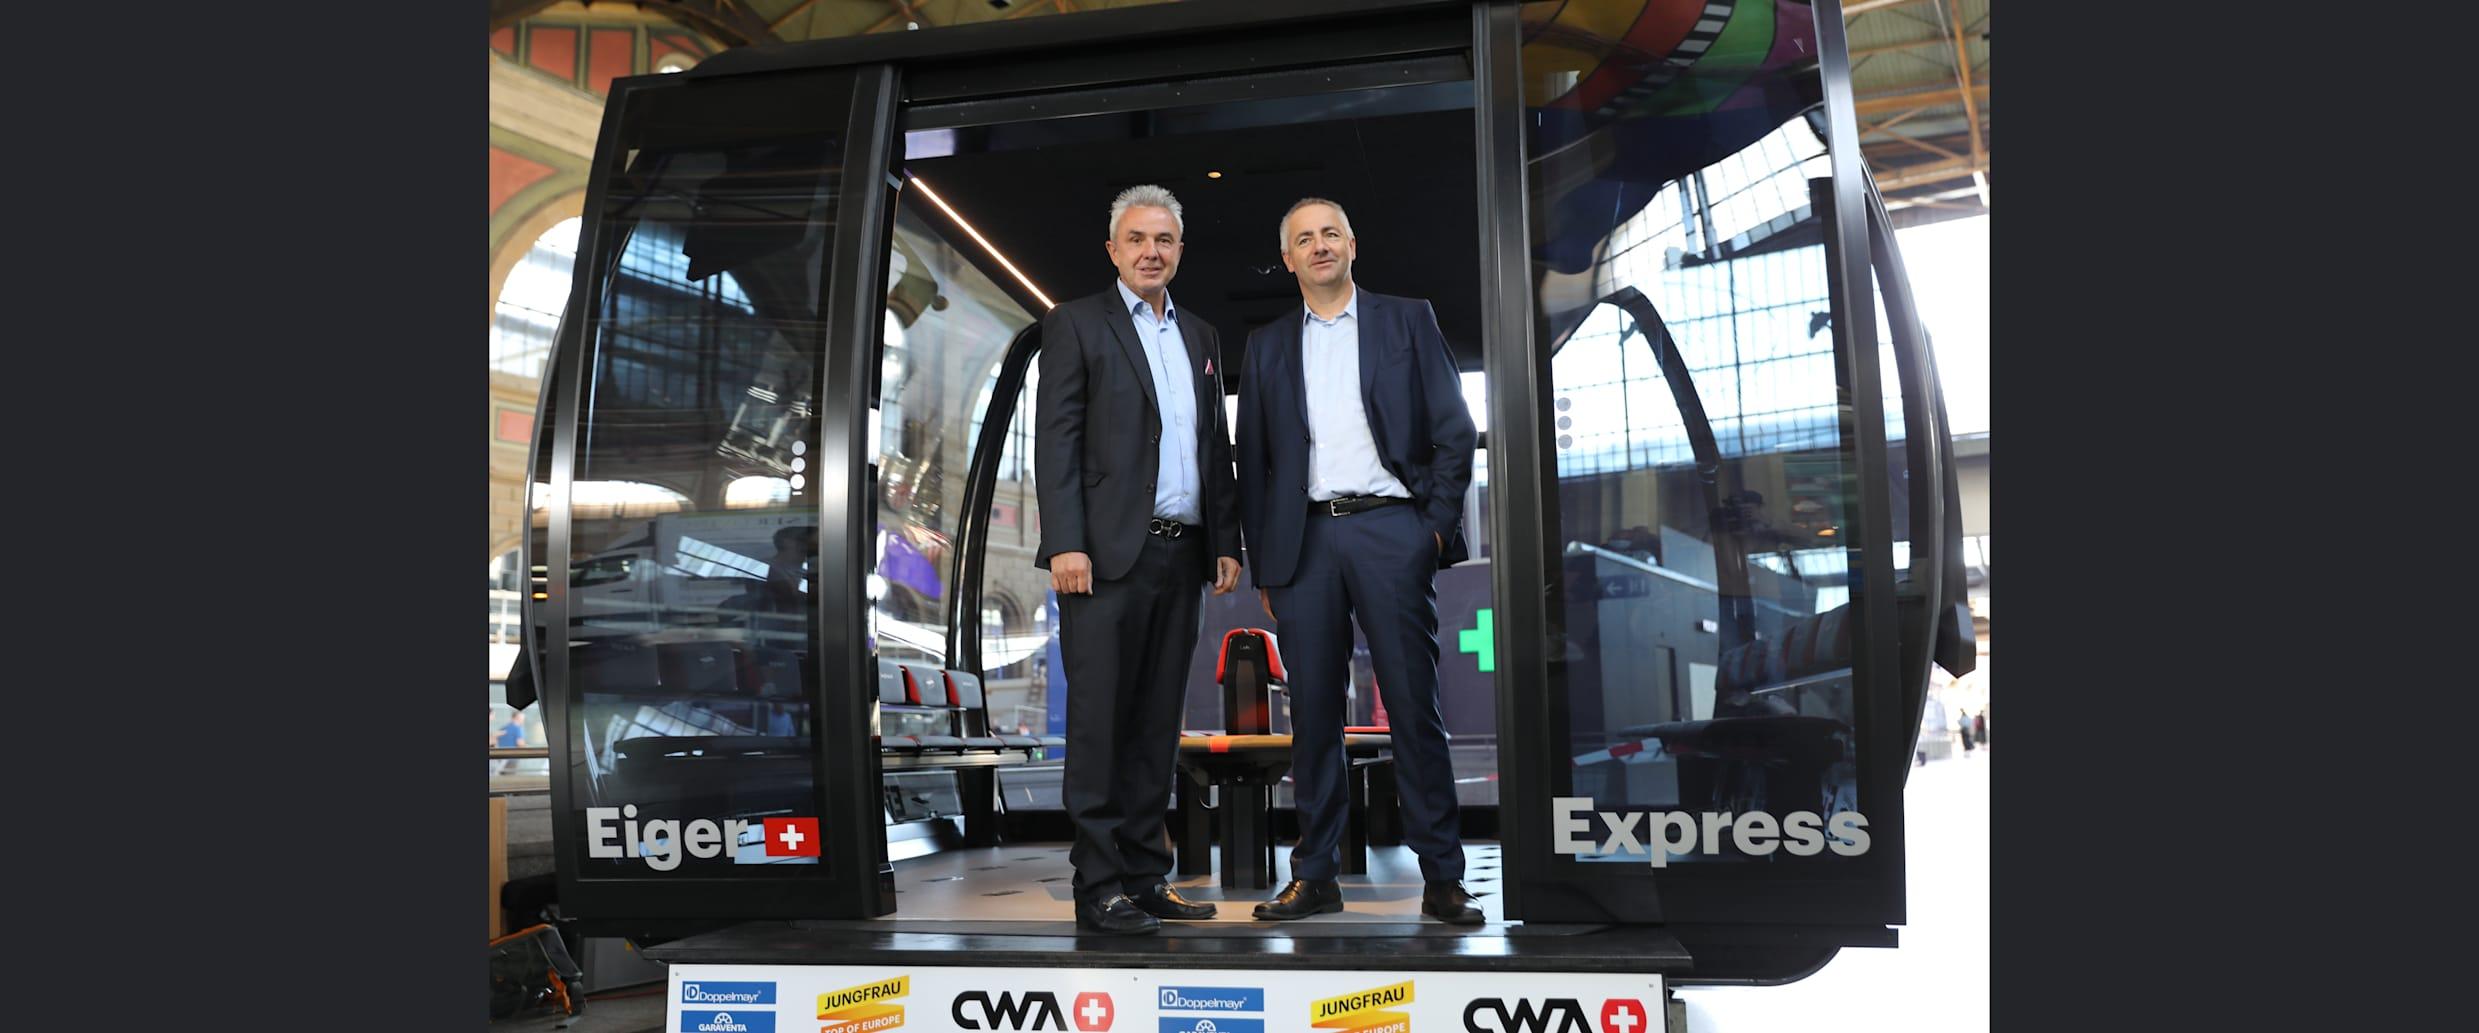 Eiger Express 2 mit Jungfraubahnen Direktor Urs Kessler und Garaventa CEO Arno Inauen